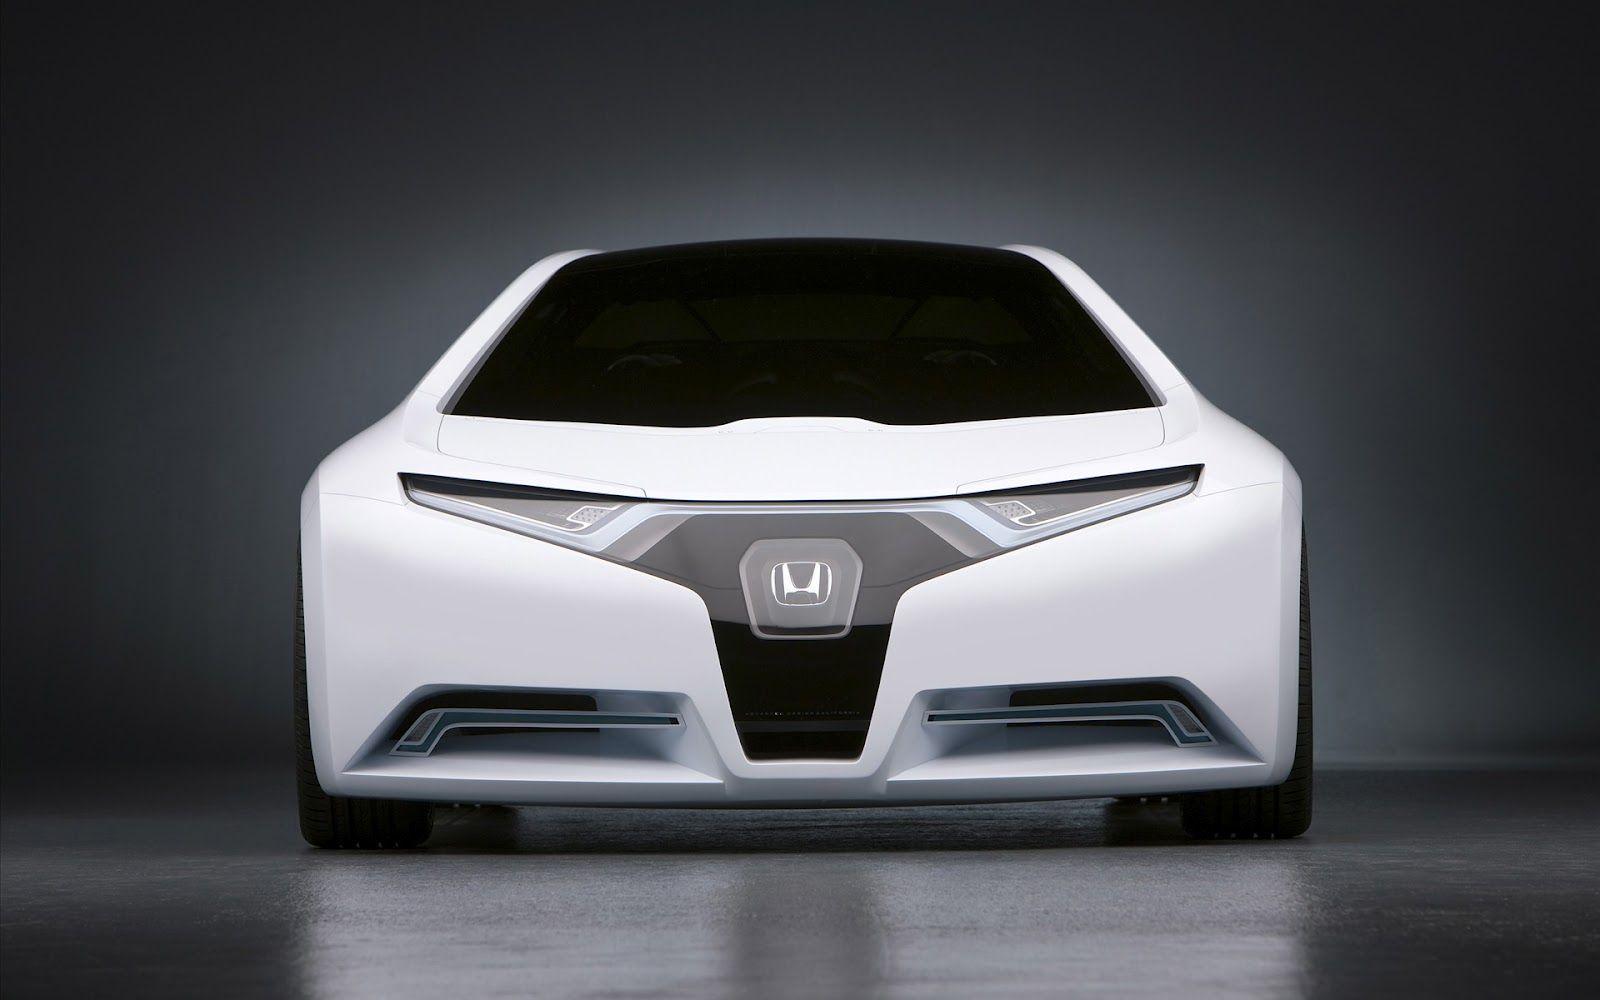 Beautiful concept car from honda